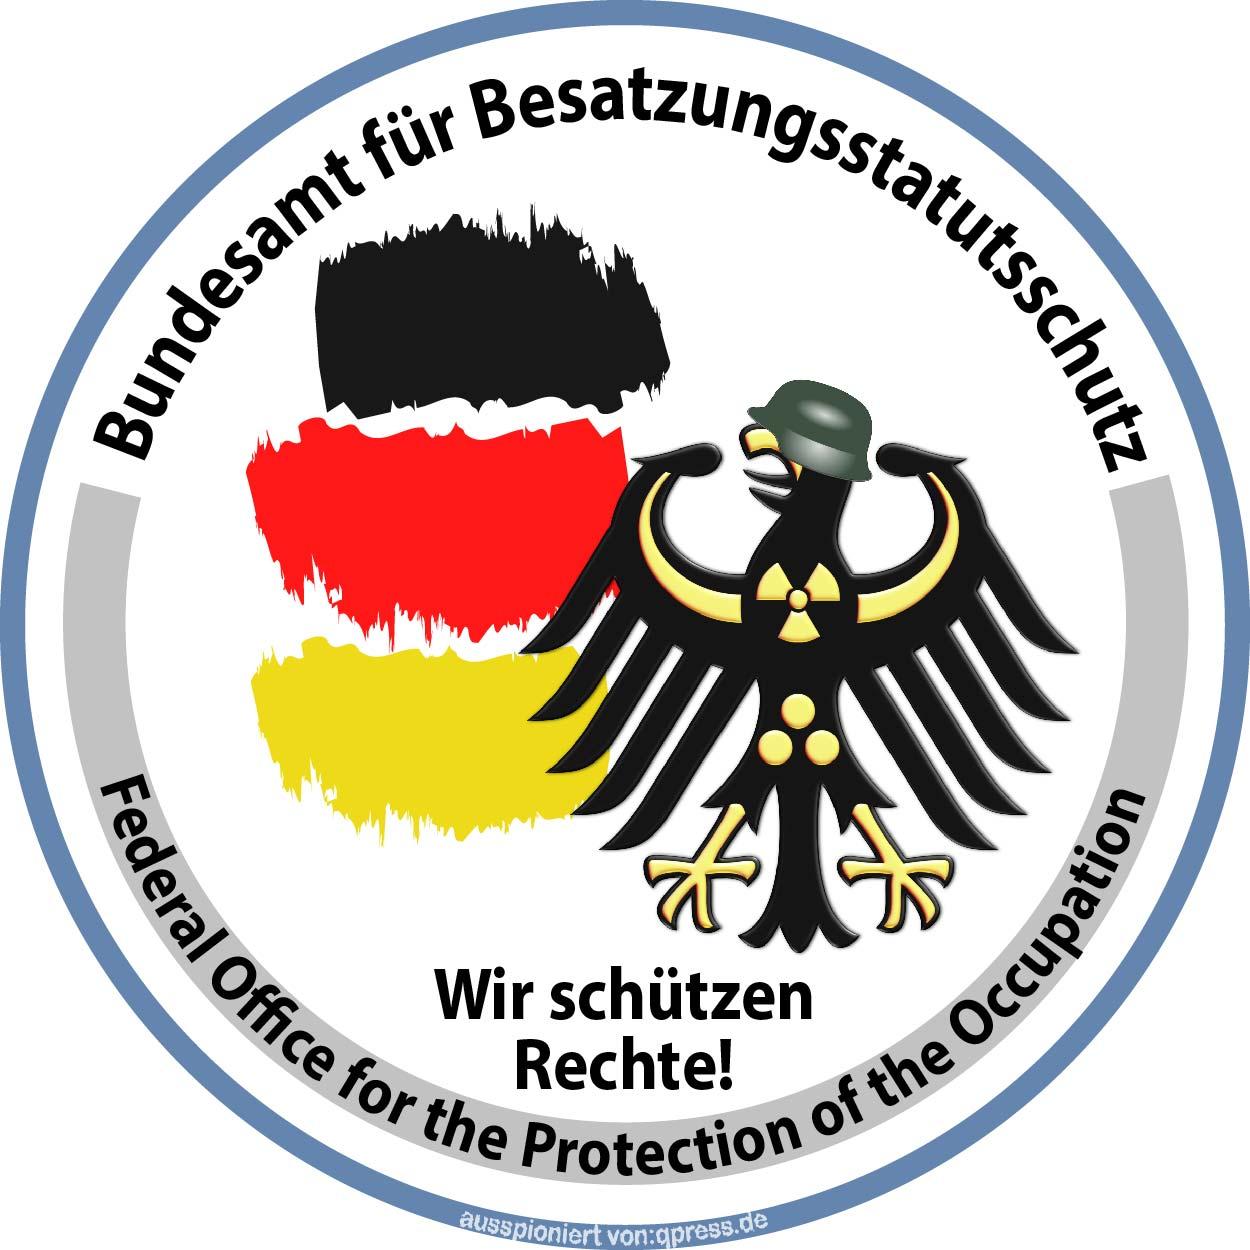 Bundesamt-fuer-Besatzungsstatutsschutz-Verfassung